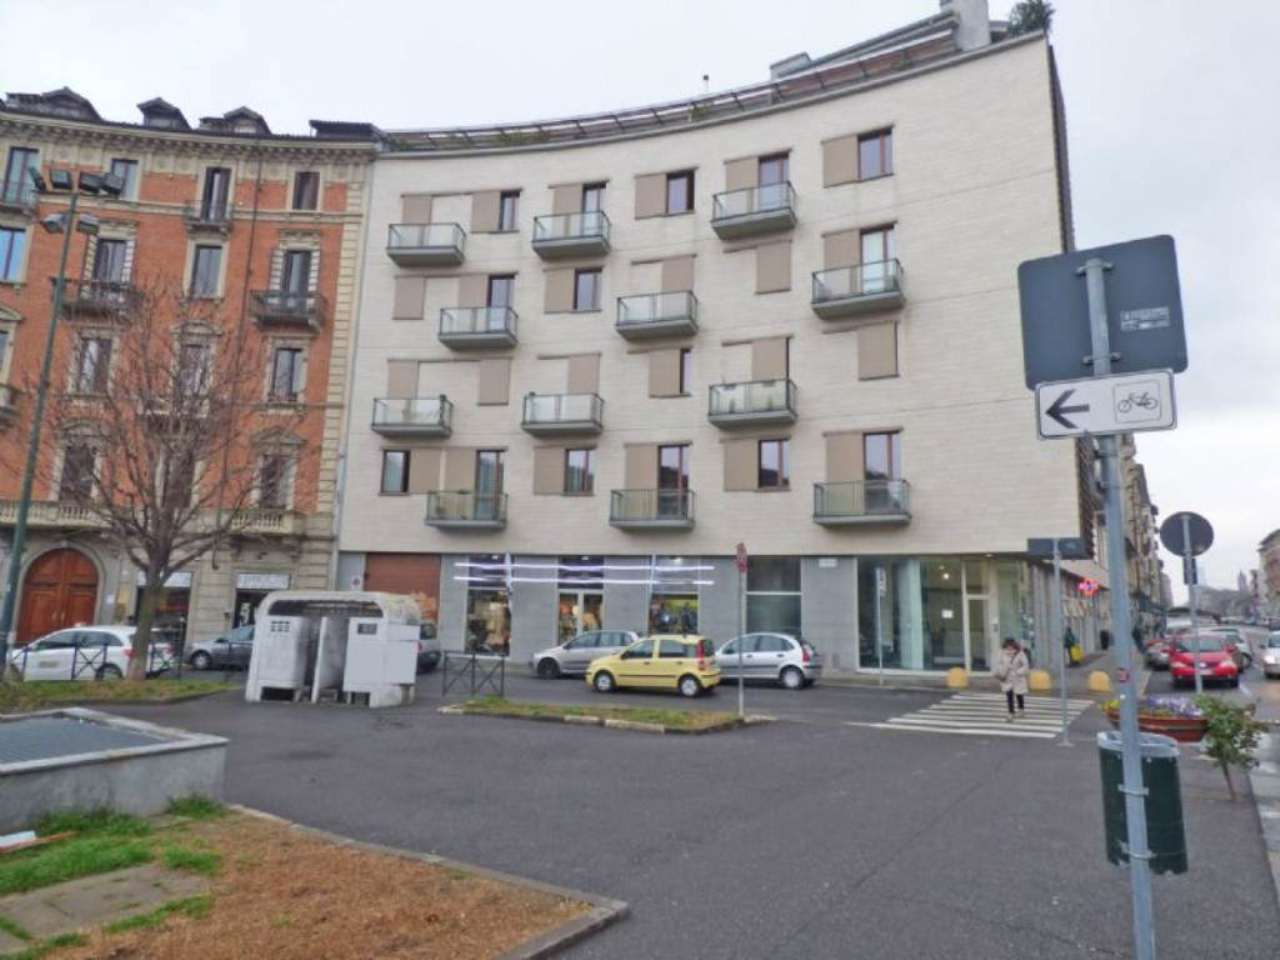 Torino Affitto NEGOZI Immagine 0